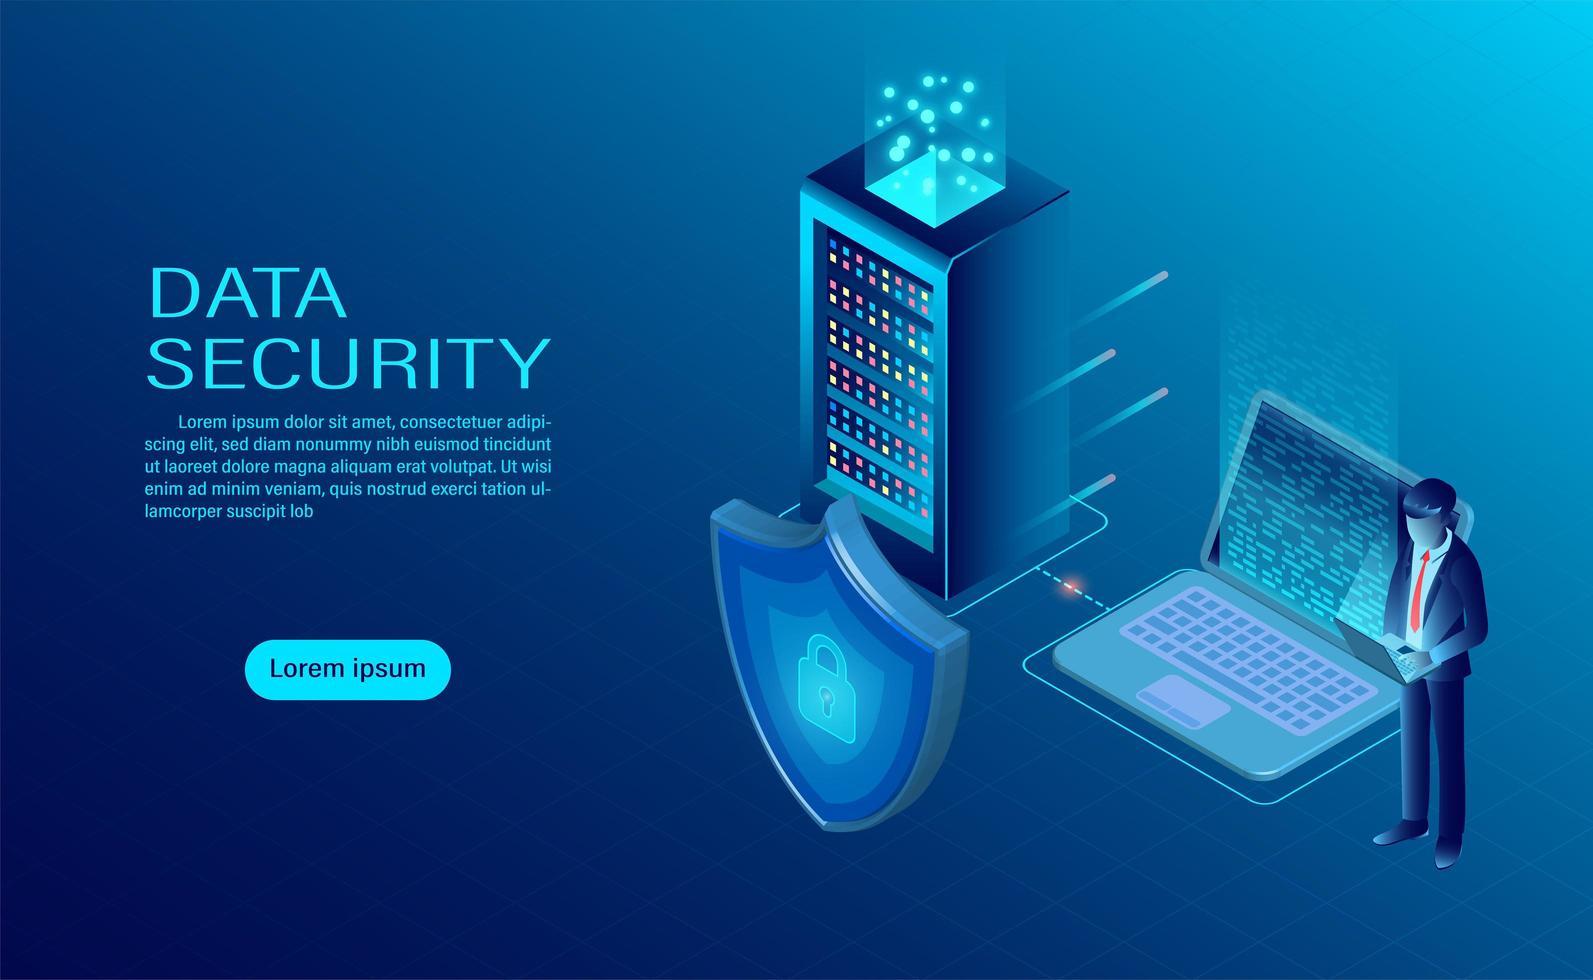 Data security concept vector